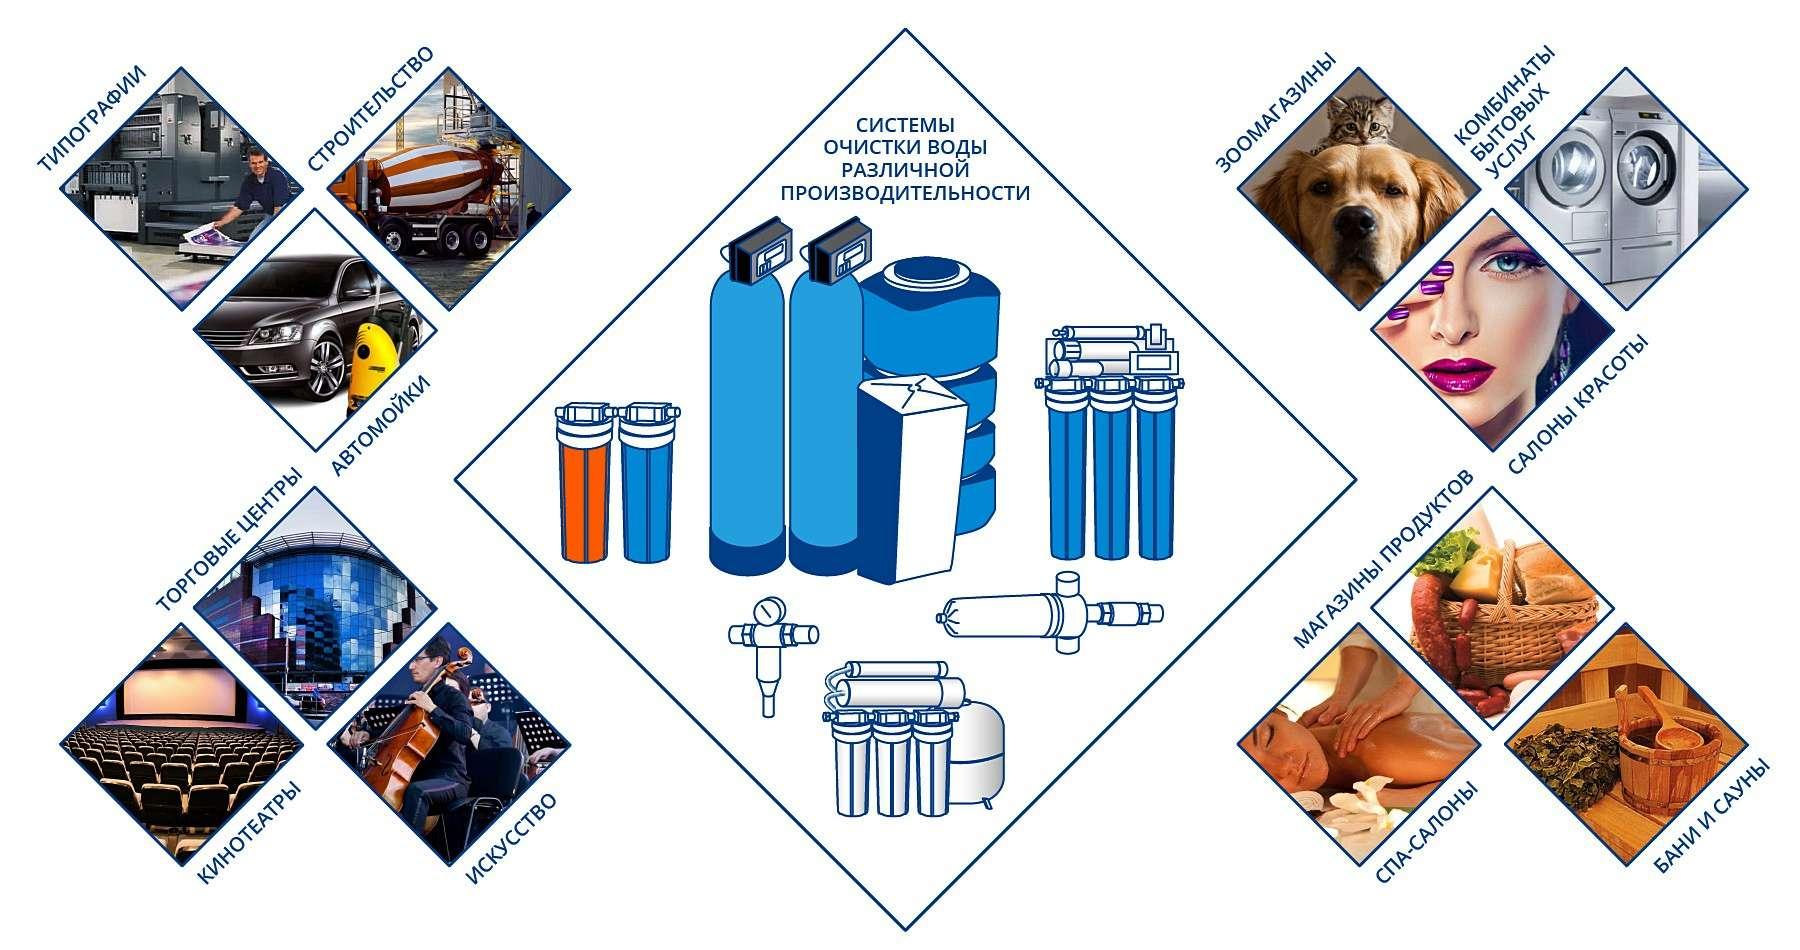 Организация системы водоснабжения и водоподготовки торговых и развлекательных центров, магазинов, химчисток, прачечных, салонов красоты, системы водоснабжения автомоек